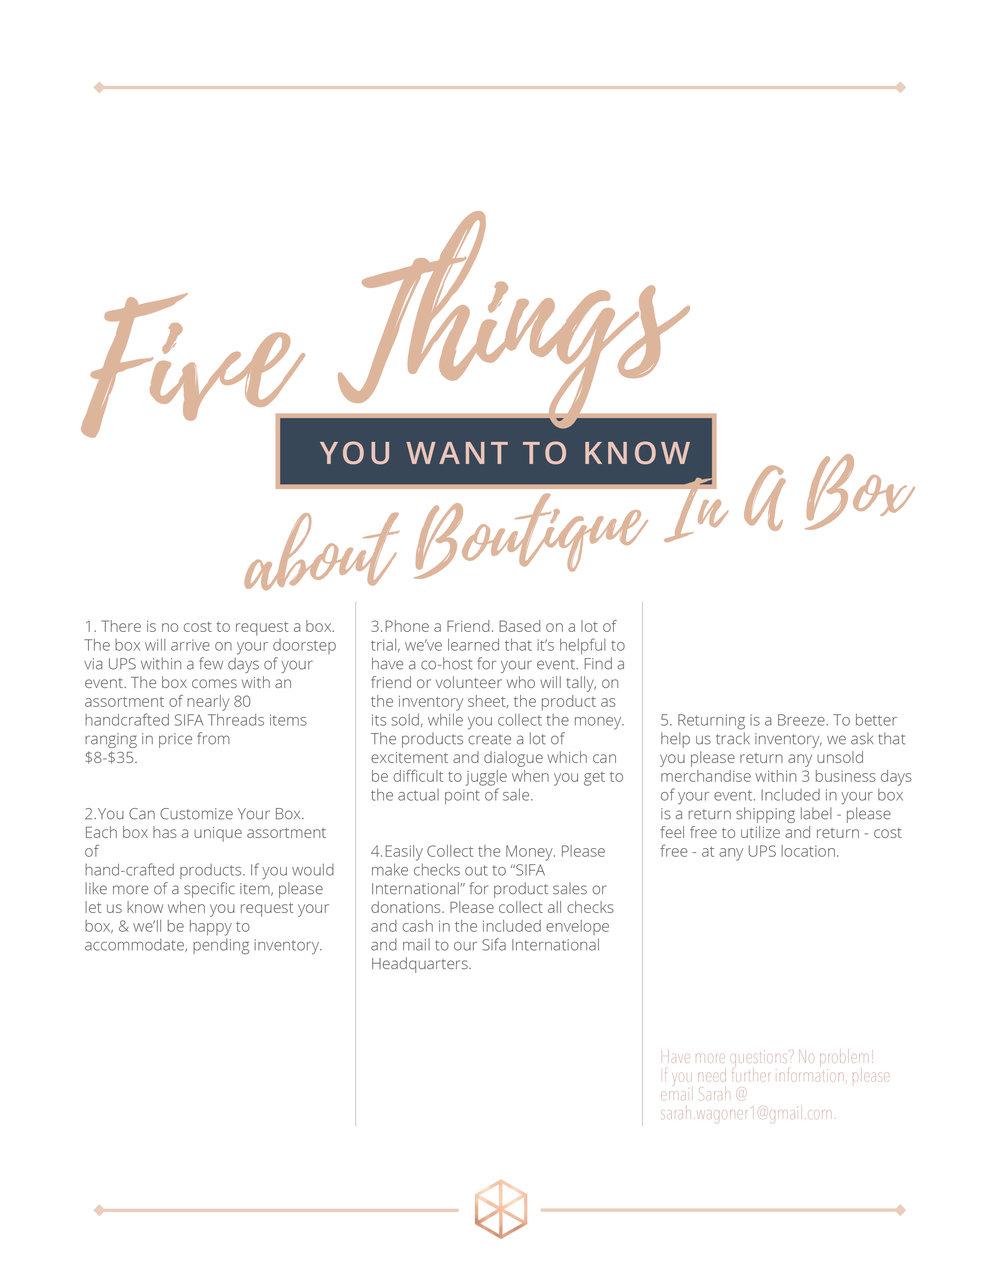 fivethings.jpg